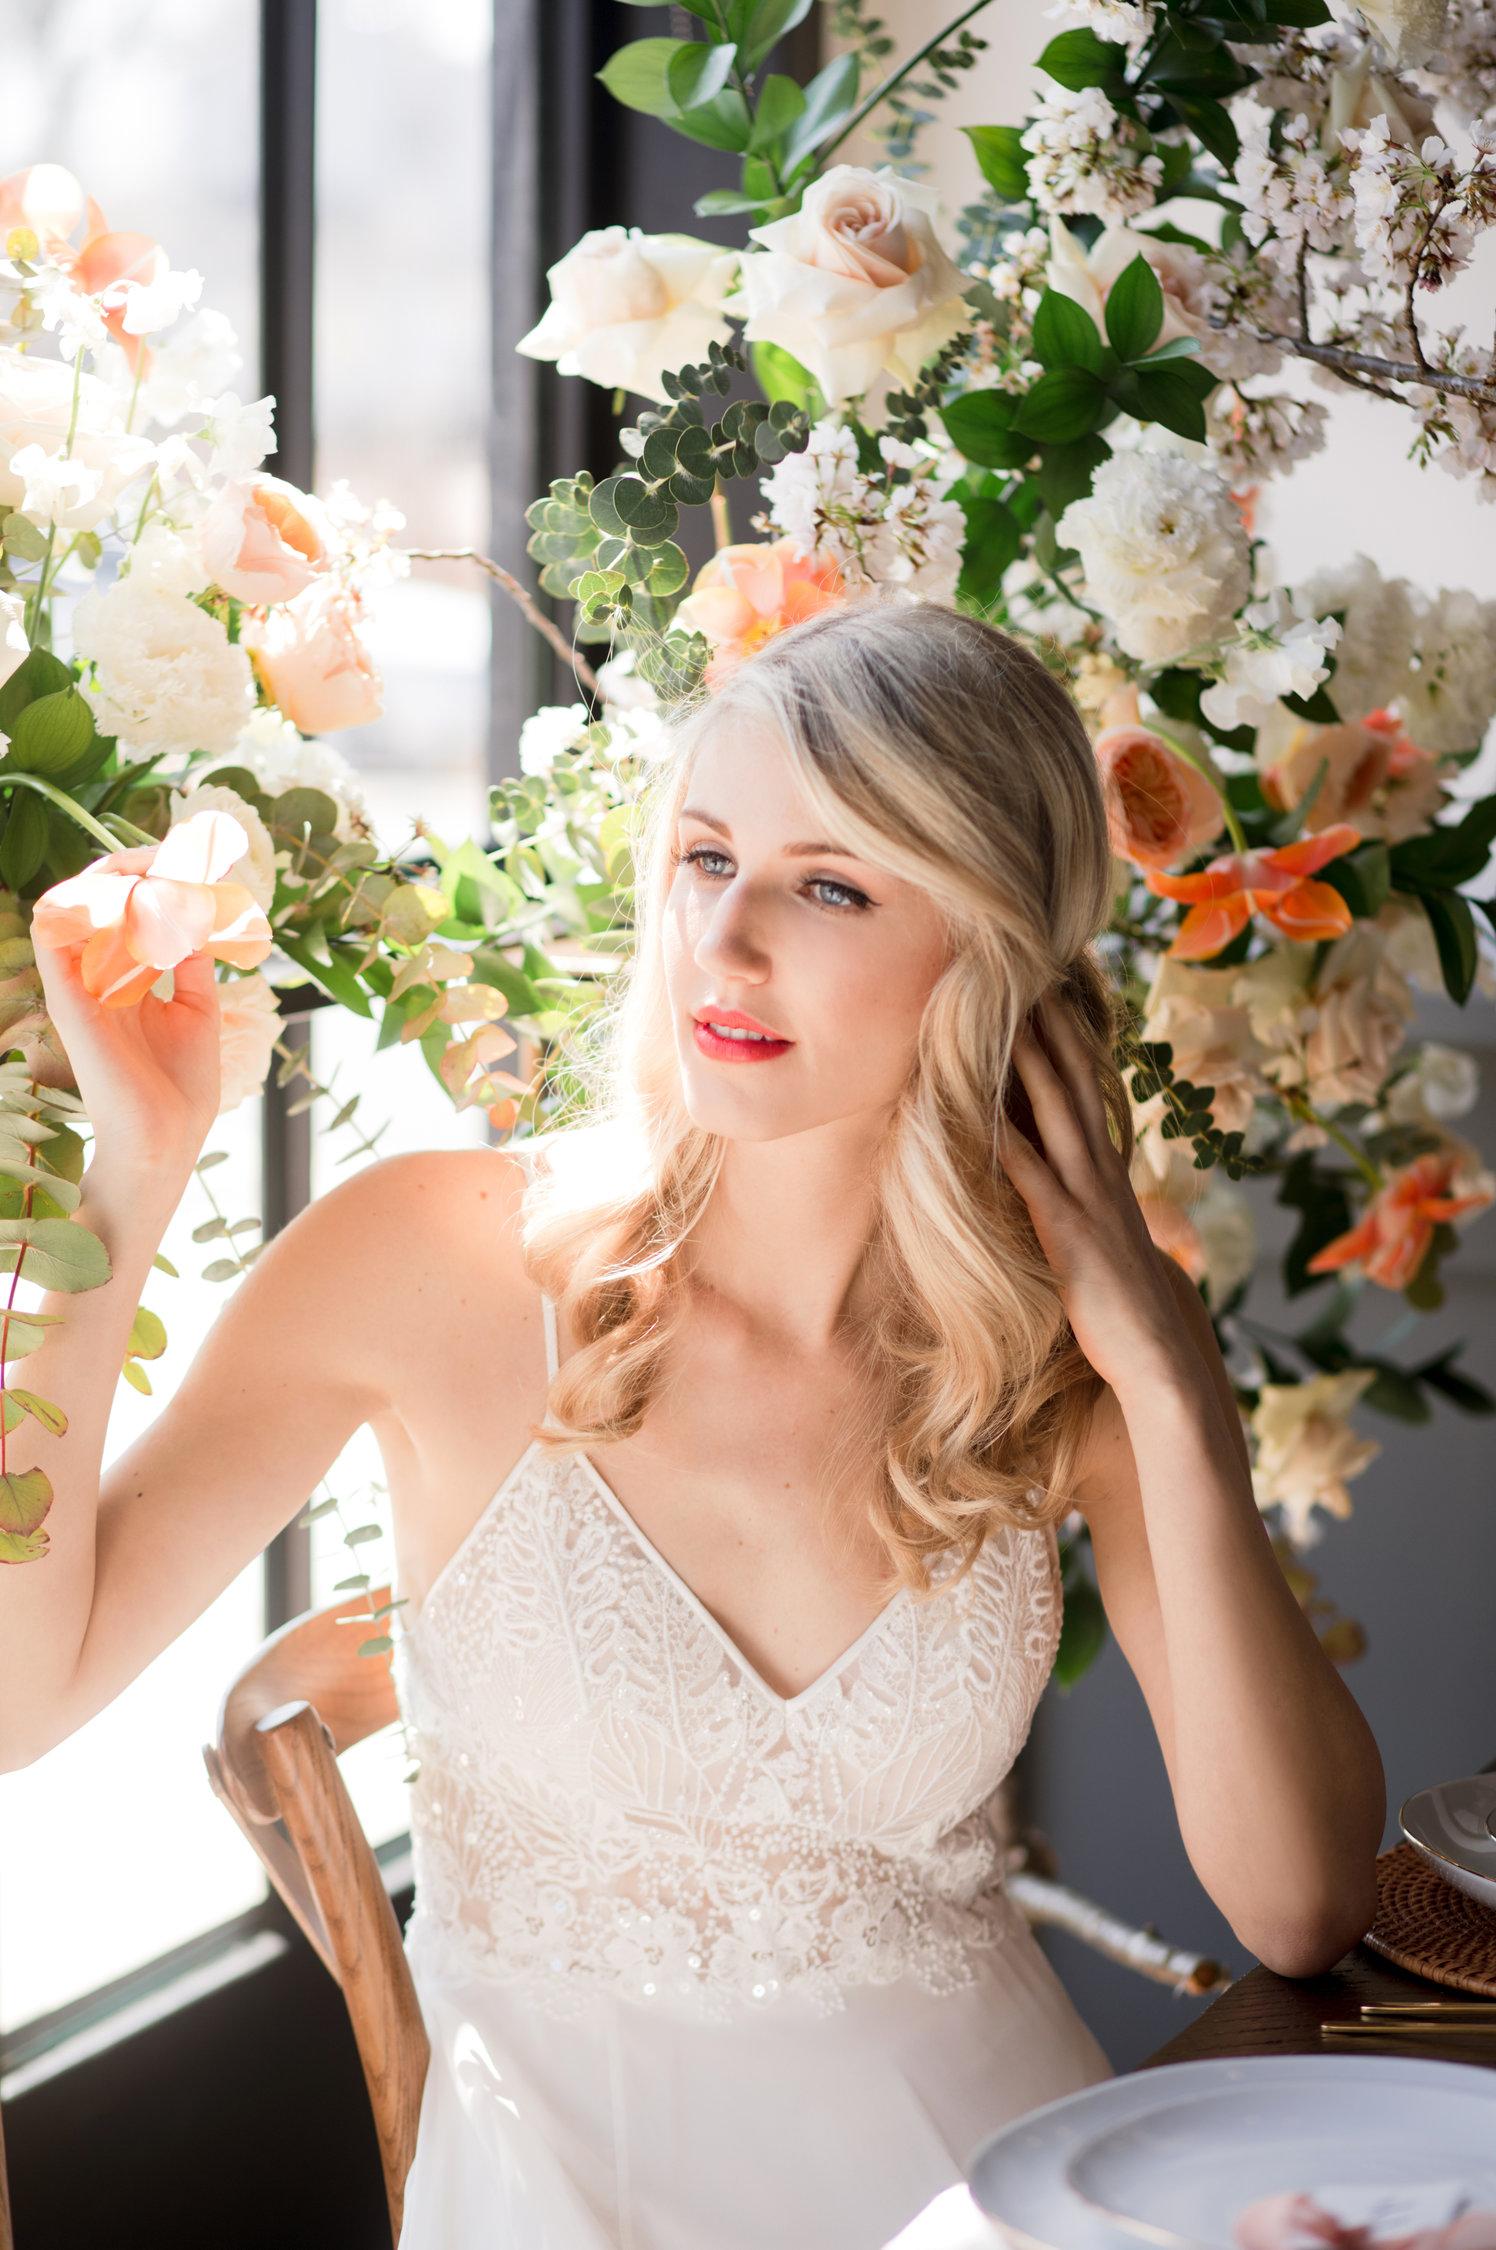 Le look parfait pour chaque mariée.